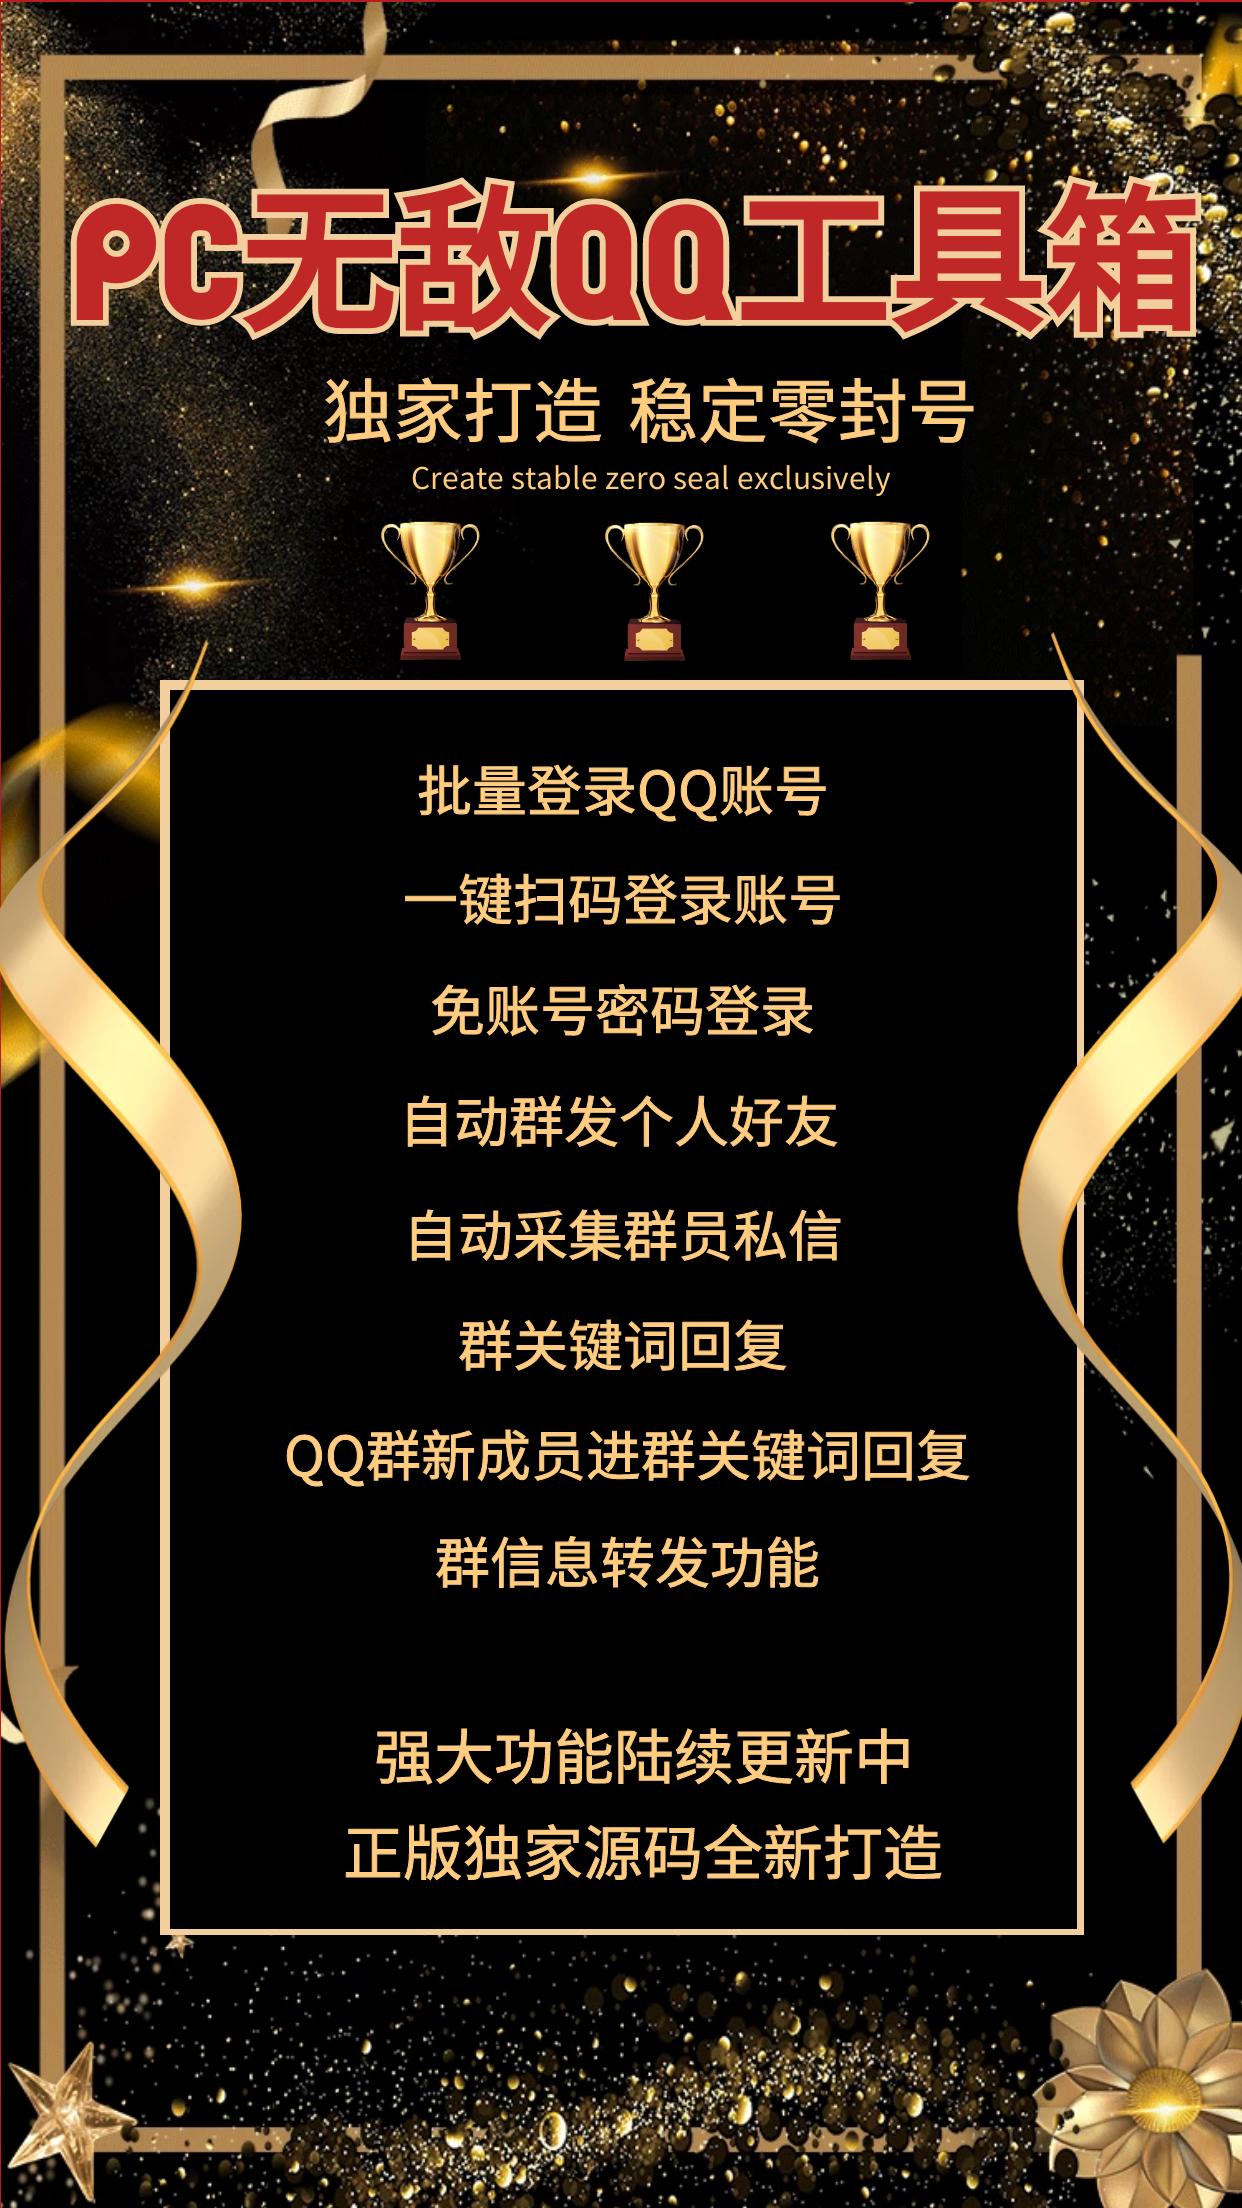 QQ群新成员进群 关键词回复 PC无敌QQ工具箱 微易发插图